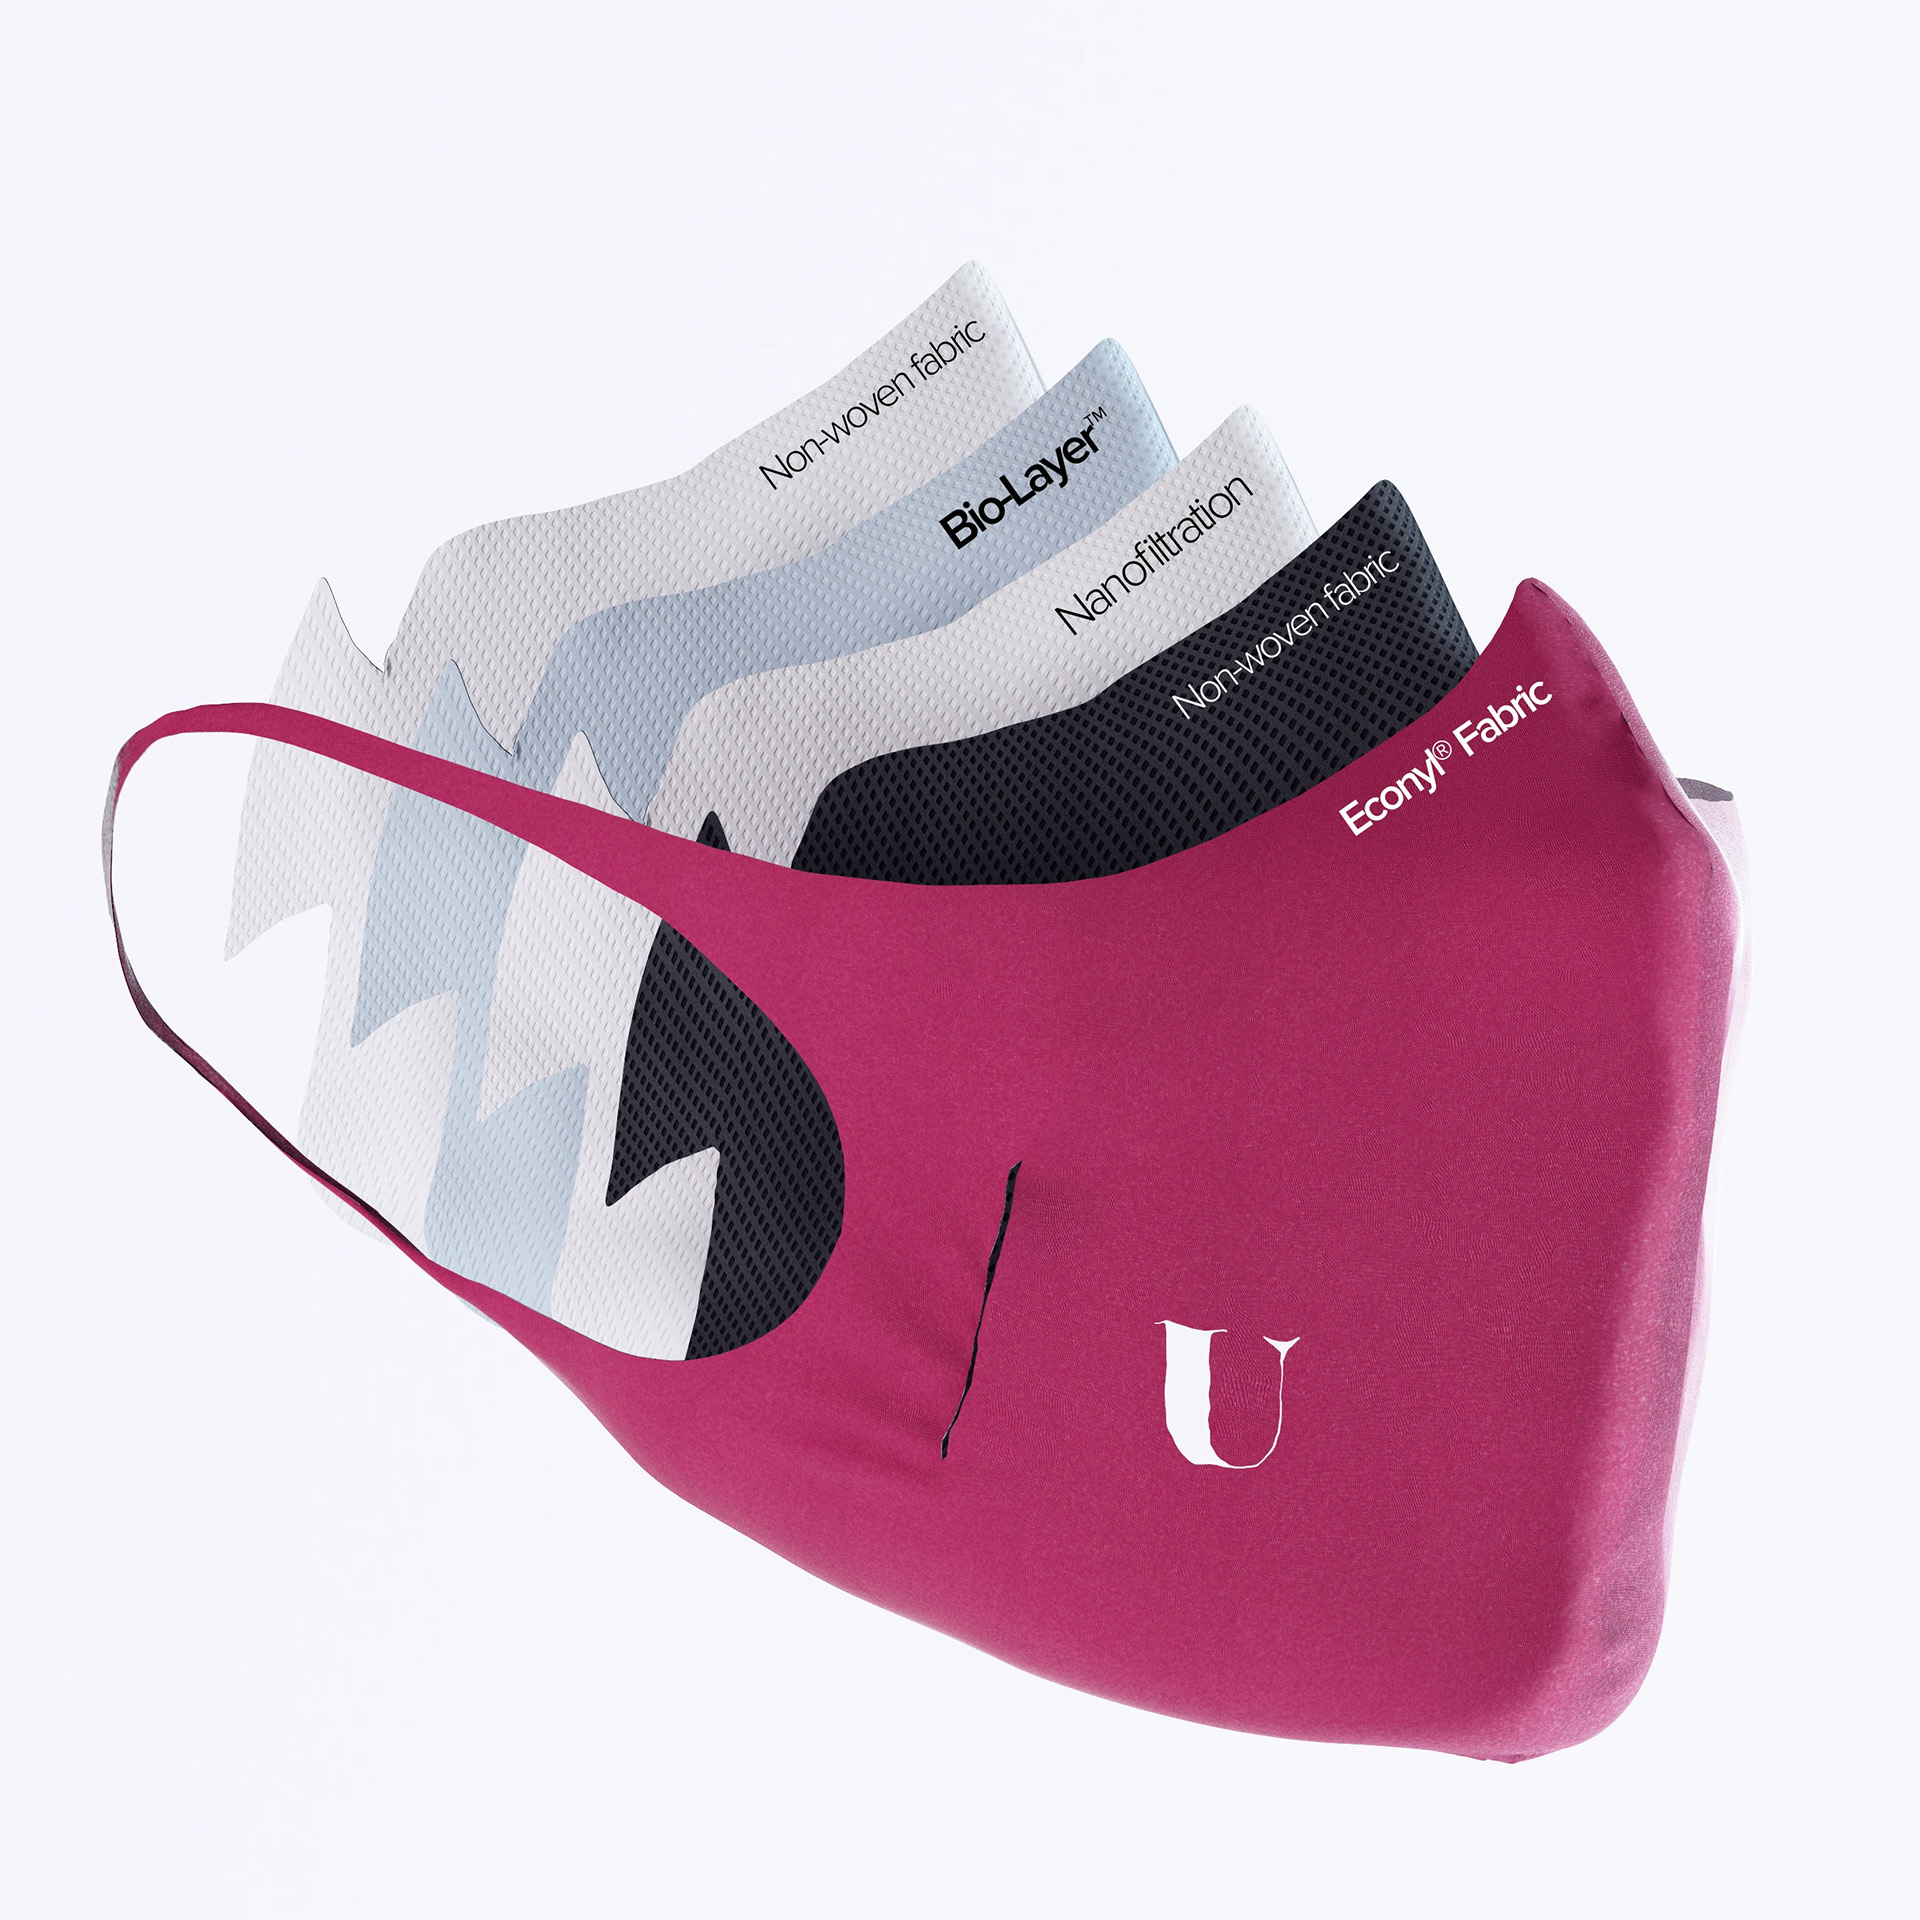 u-mask-maska-s-nejvyssi-ochrannou-tridou-filtrace-FFP3-20